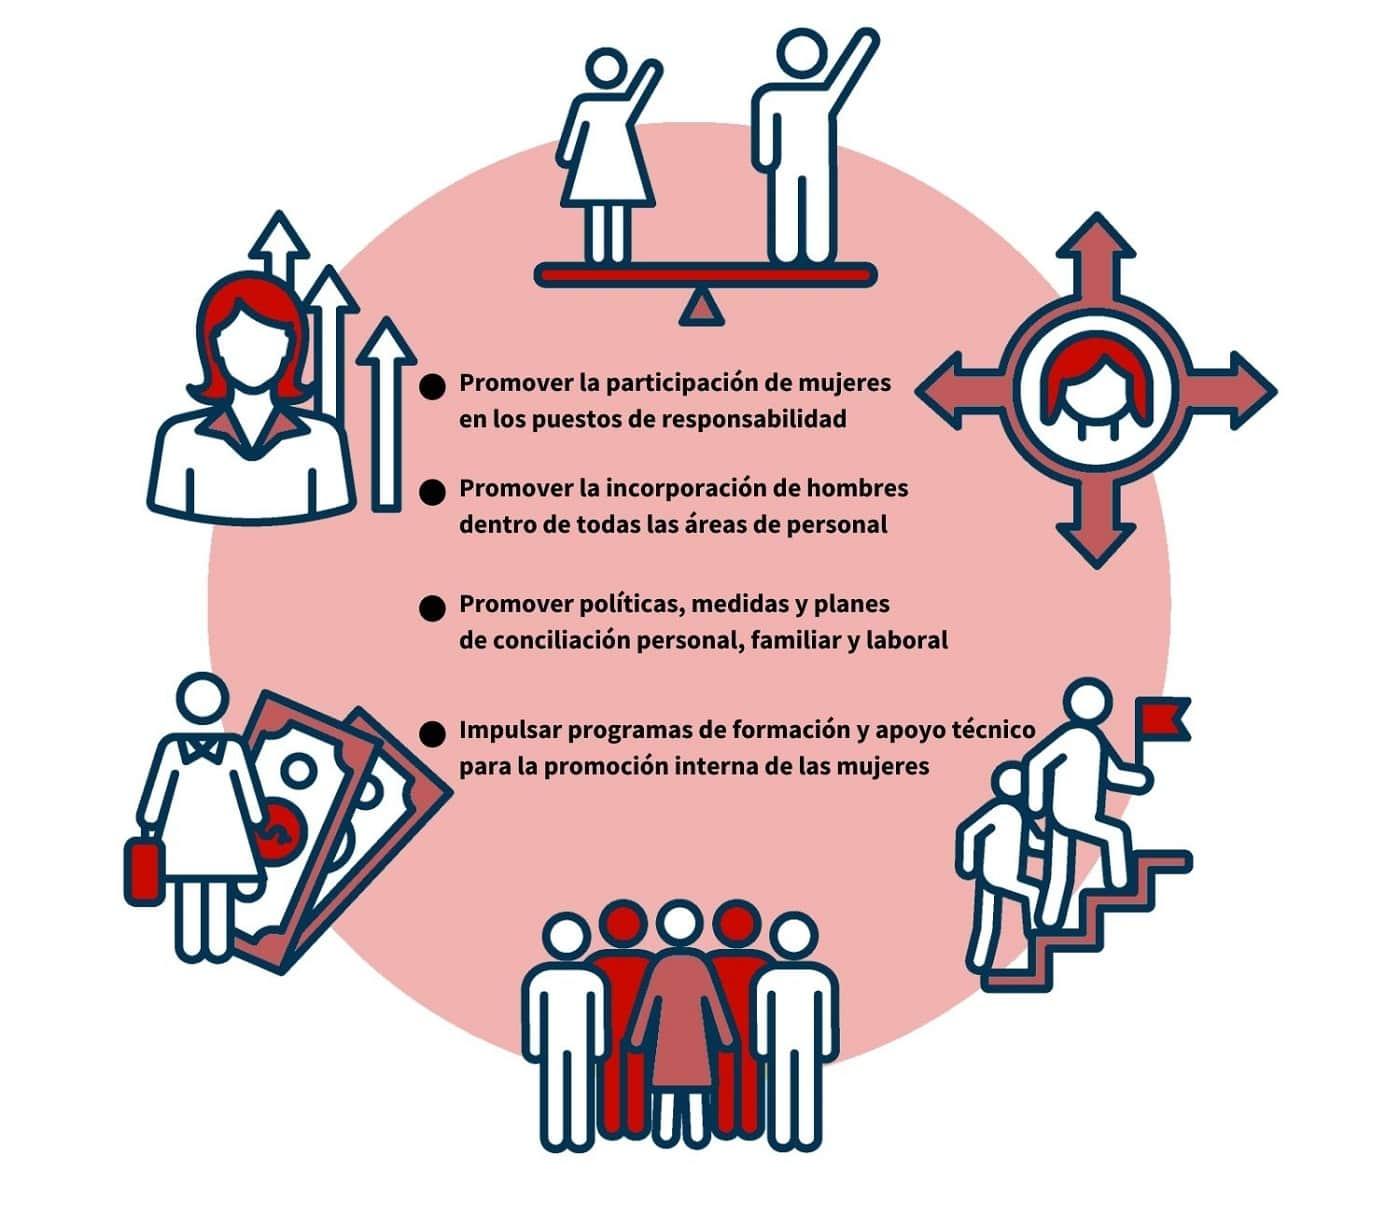 Objetivos del plan de igualdad en una ONG